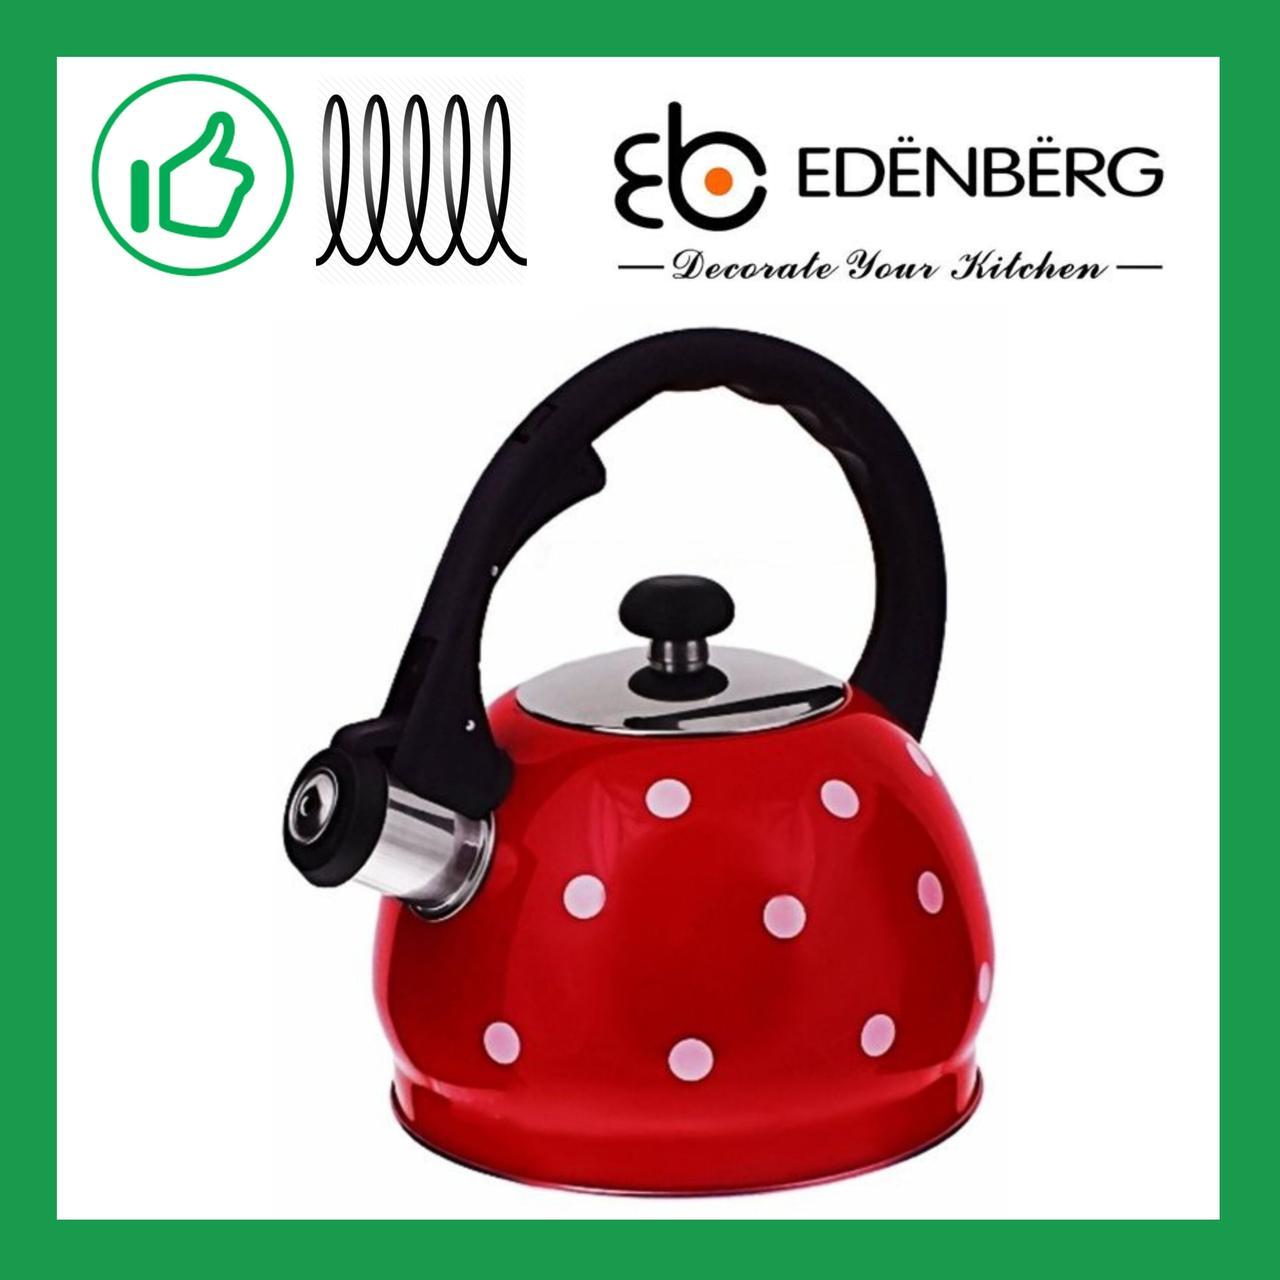 Чайник из нержавеющей стали со свистком Edenberg 2.0 л Красный (EB-1922R)